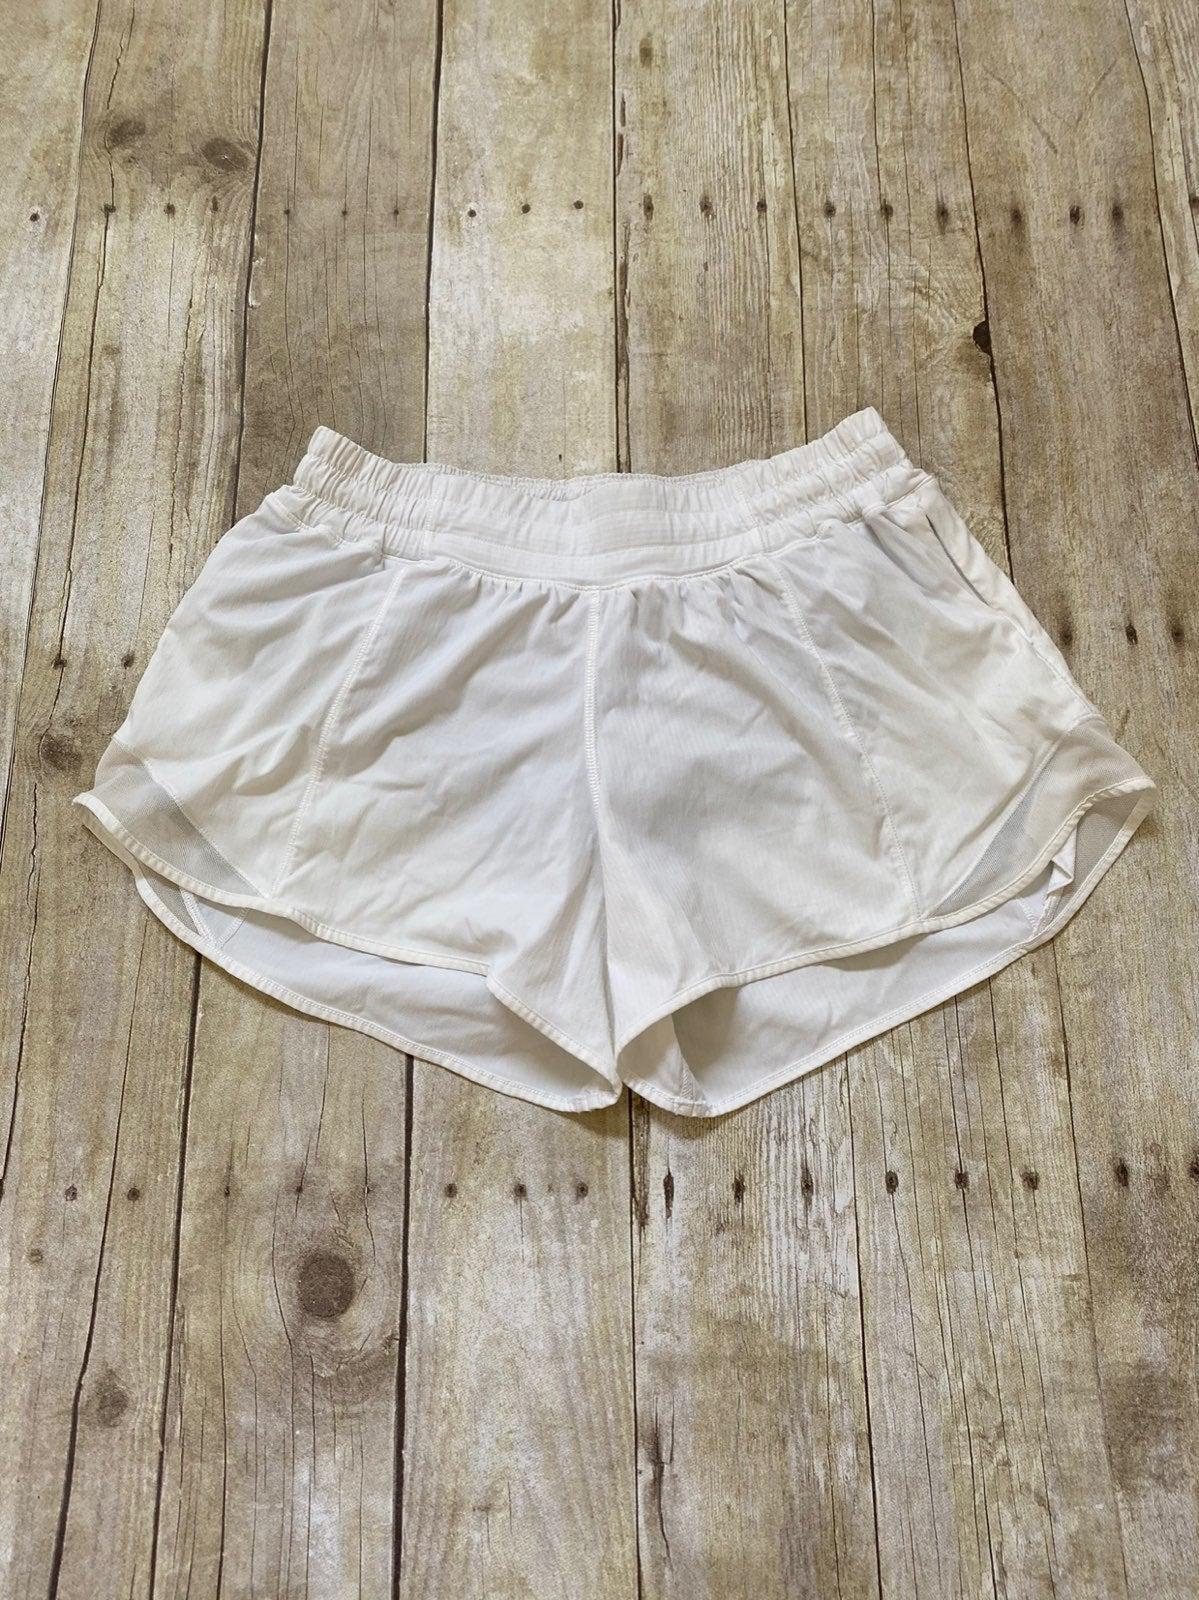 Lululemon Shorts Size 6 Tall